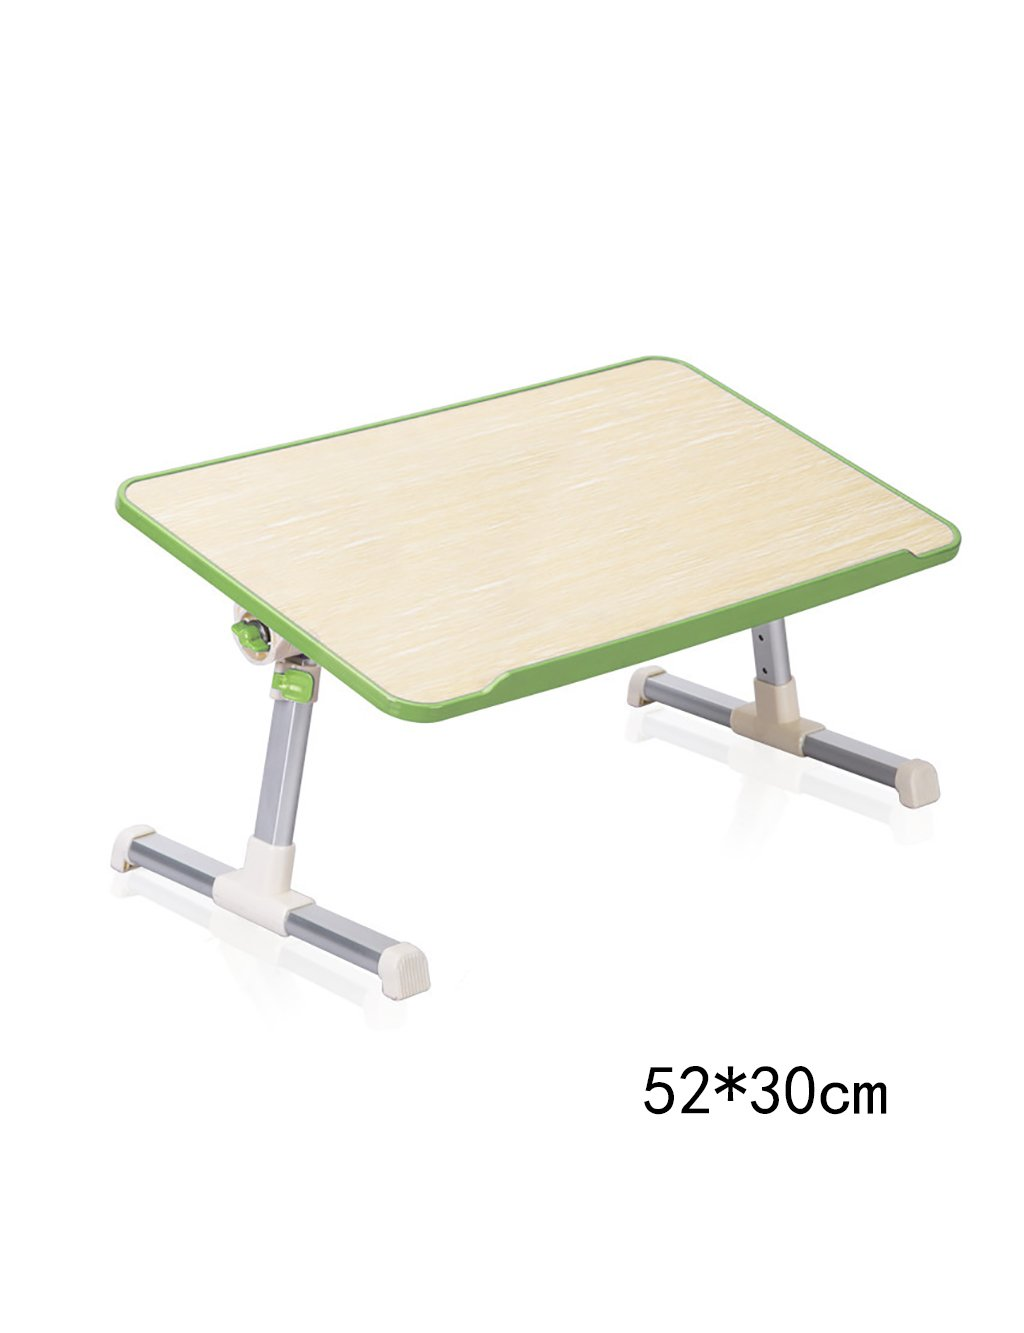 HAIPENG ベッドテーブル ノートパソコンのテーブル寮の学習のデスクラジエーター(単純な3つの色、2つのスタイルオプション)で簡単な怠惰な小さなテーブルの家庭の折りたたみテーブル ソファーテーブル ( 色 : 緑 , 三 : A ) A 緑 B07CCN1NSK